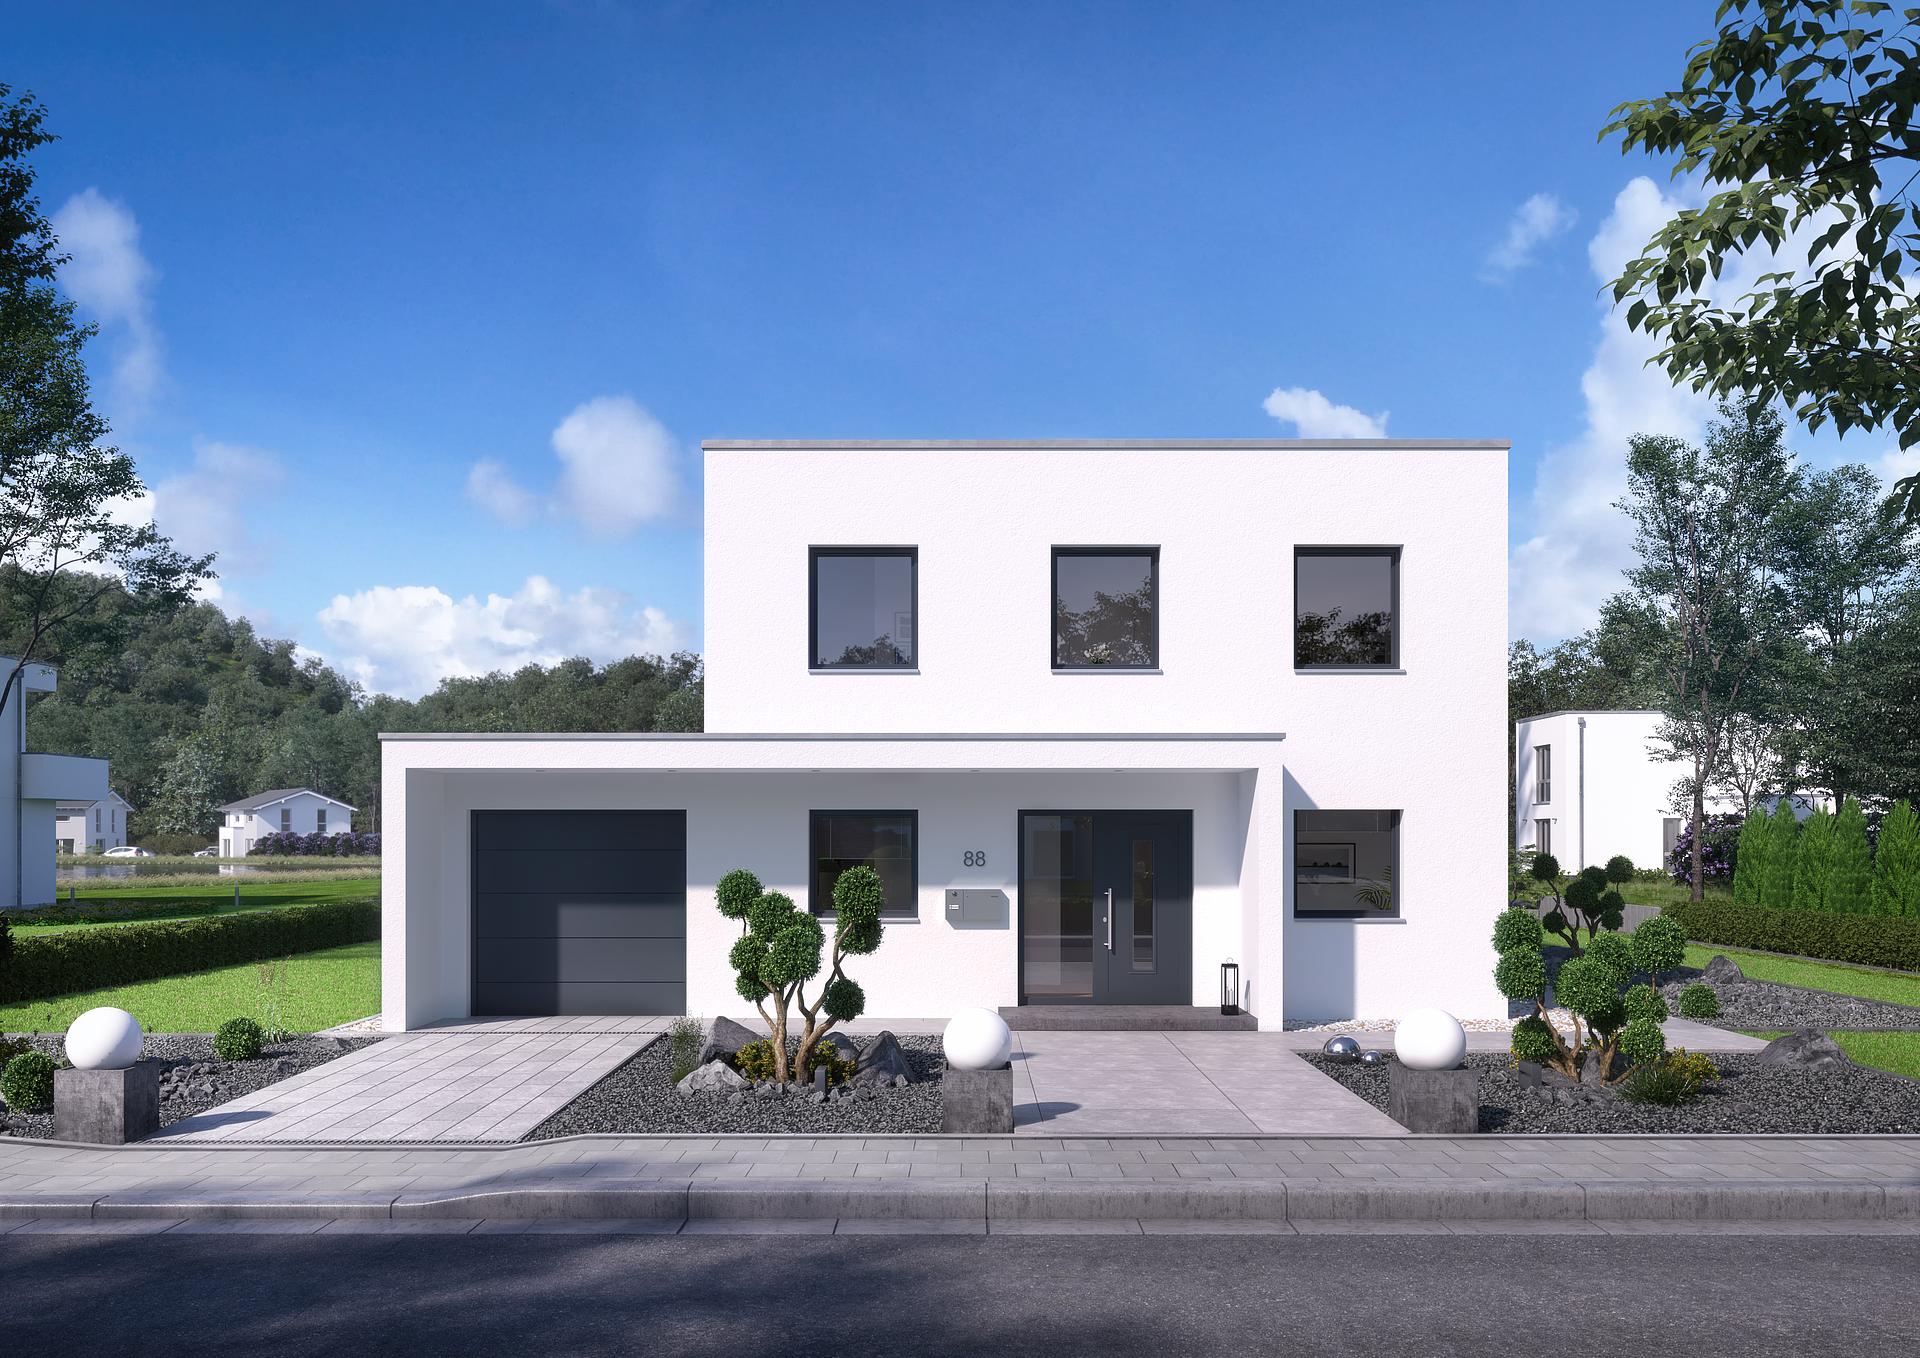 Bauhaus Puro - Flachdach bauen - modernes Architektenhaus